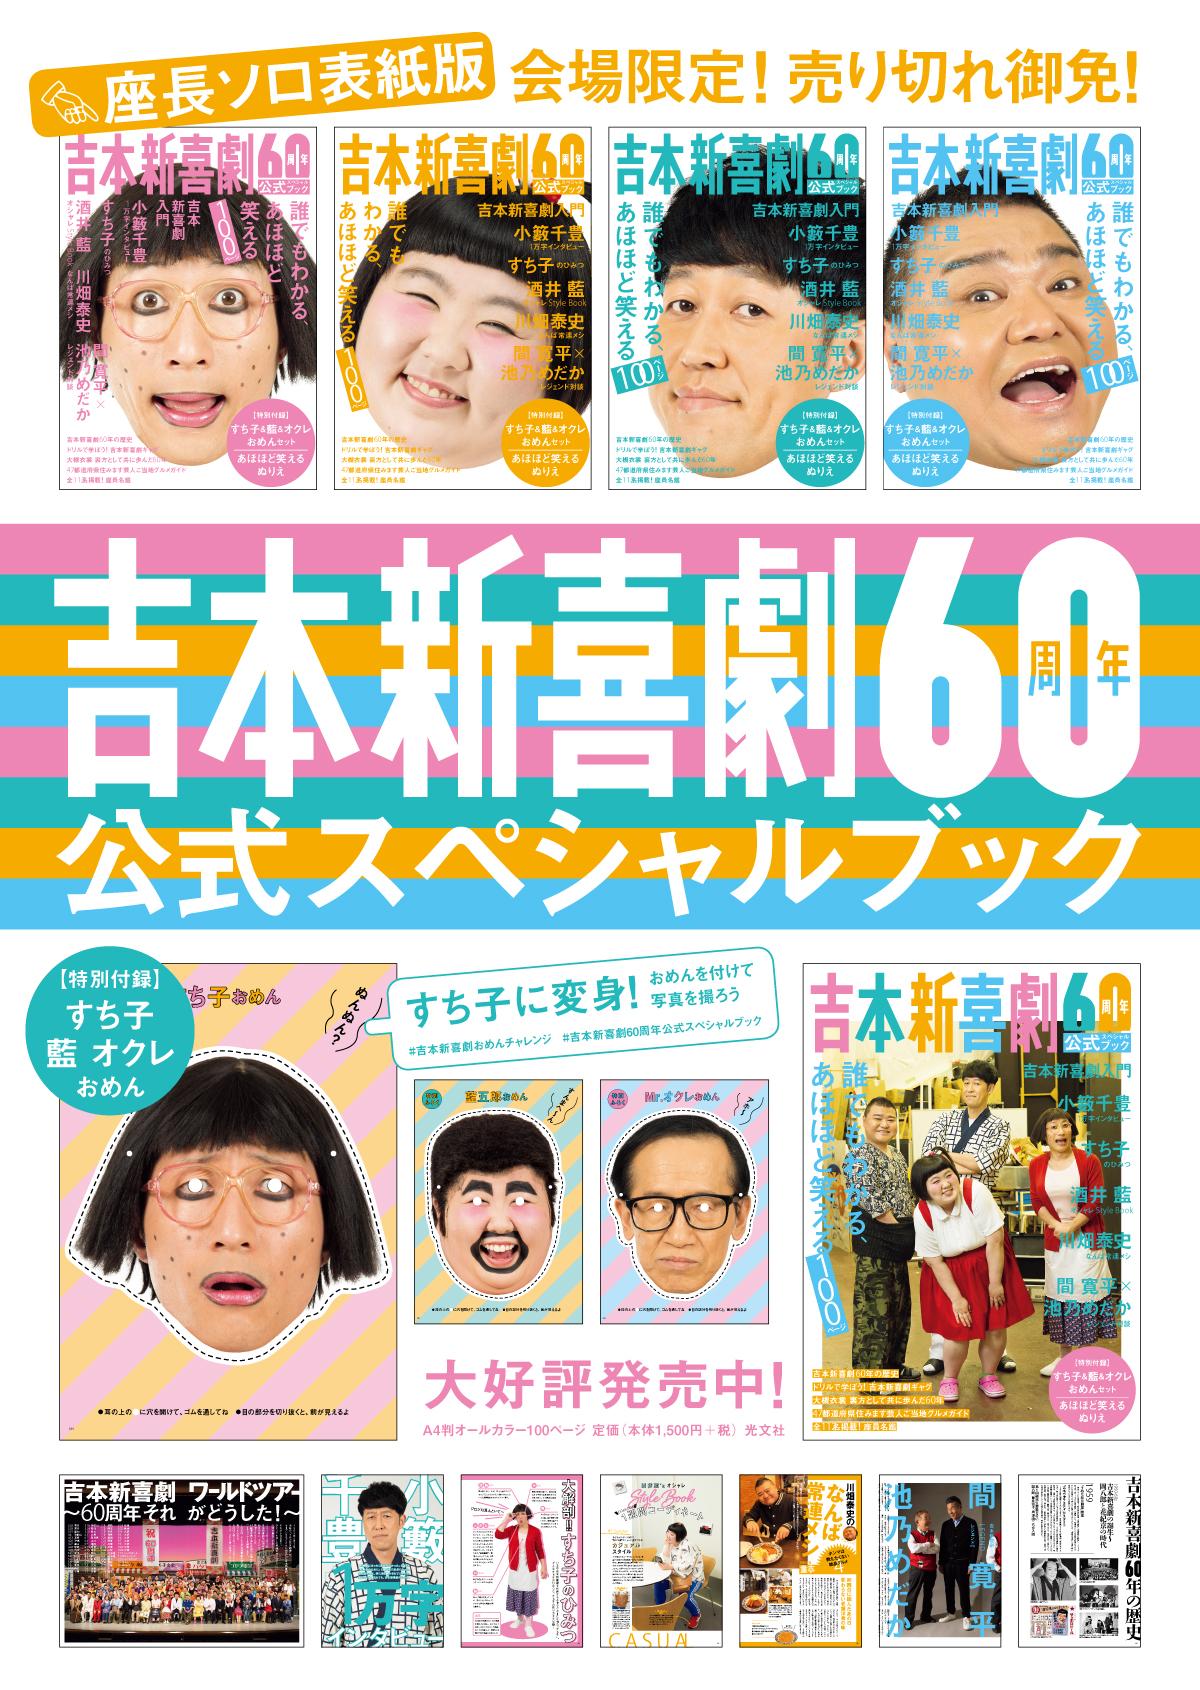 吉本新喜劇60周年公式スペシャルブック